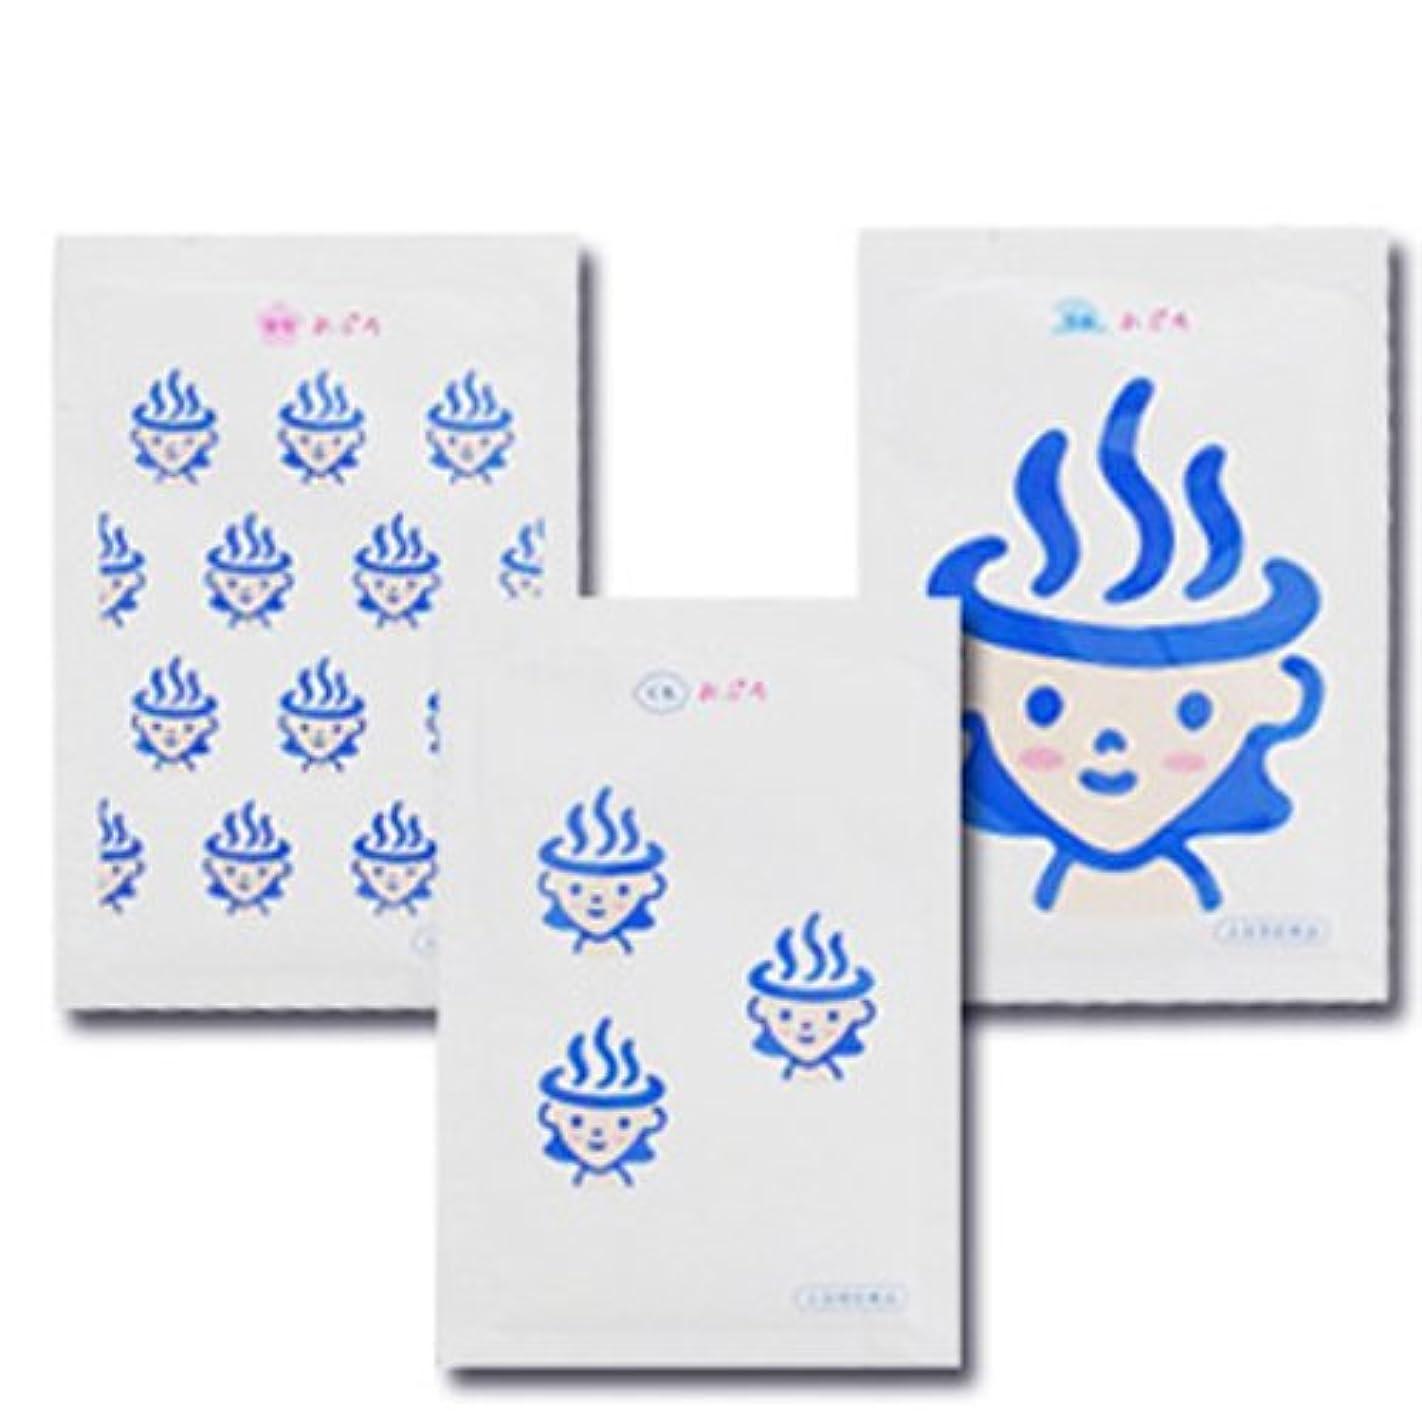 ボックス丁寧発表お風呂サプリ おぷろ 3包入り(3種×1包)